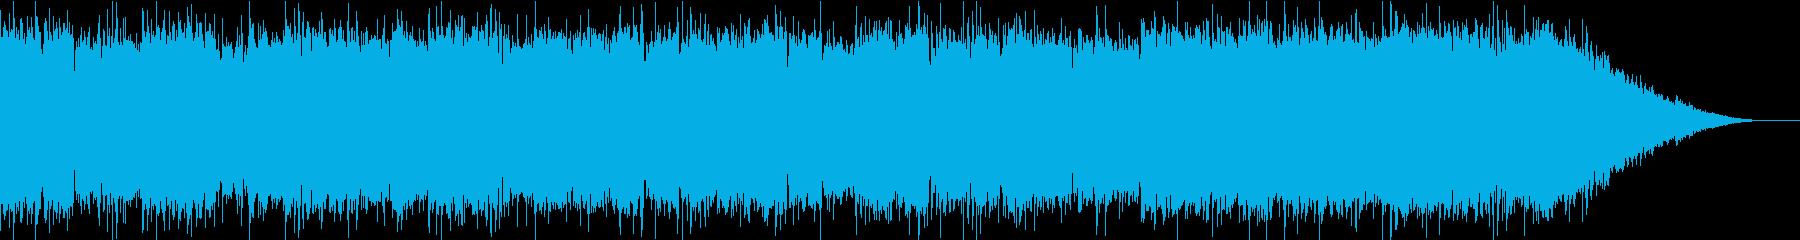 ほのぼのとした日常をイメージの再生済みの波形